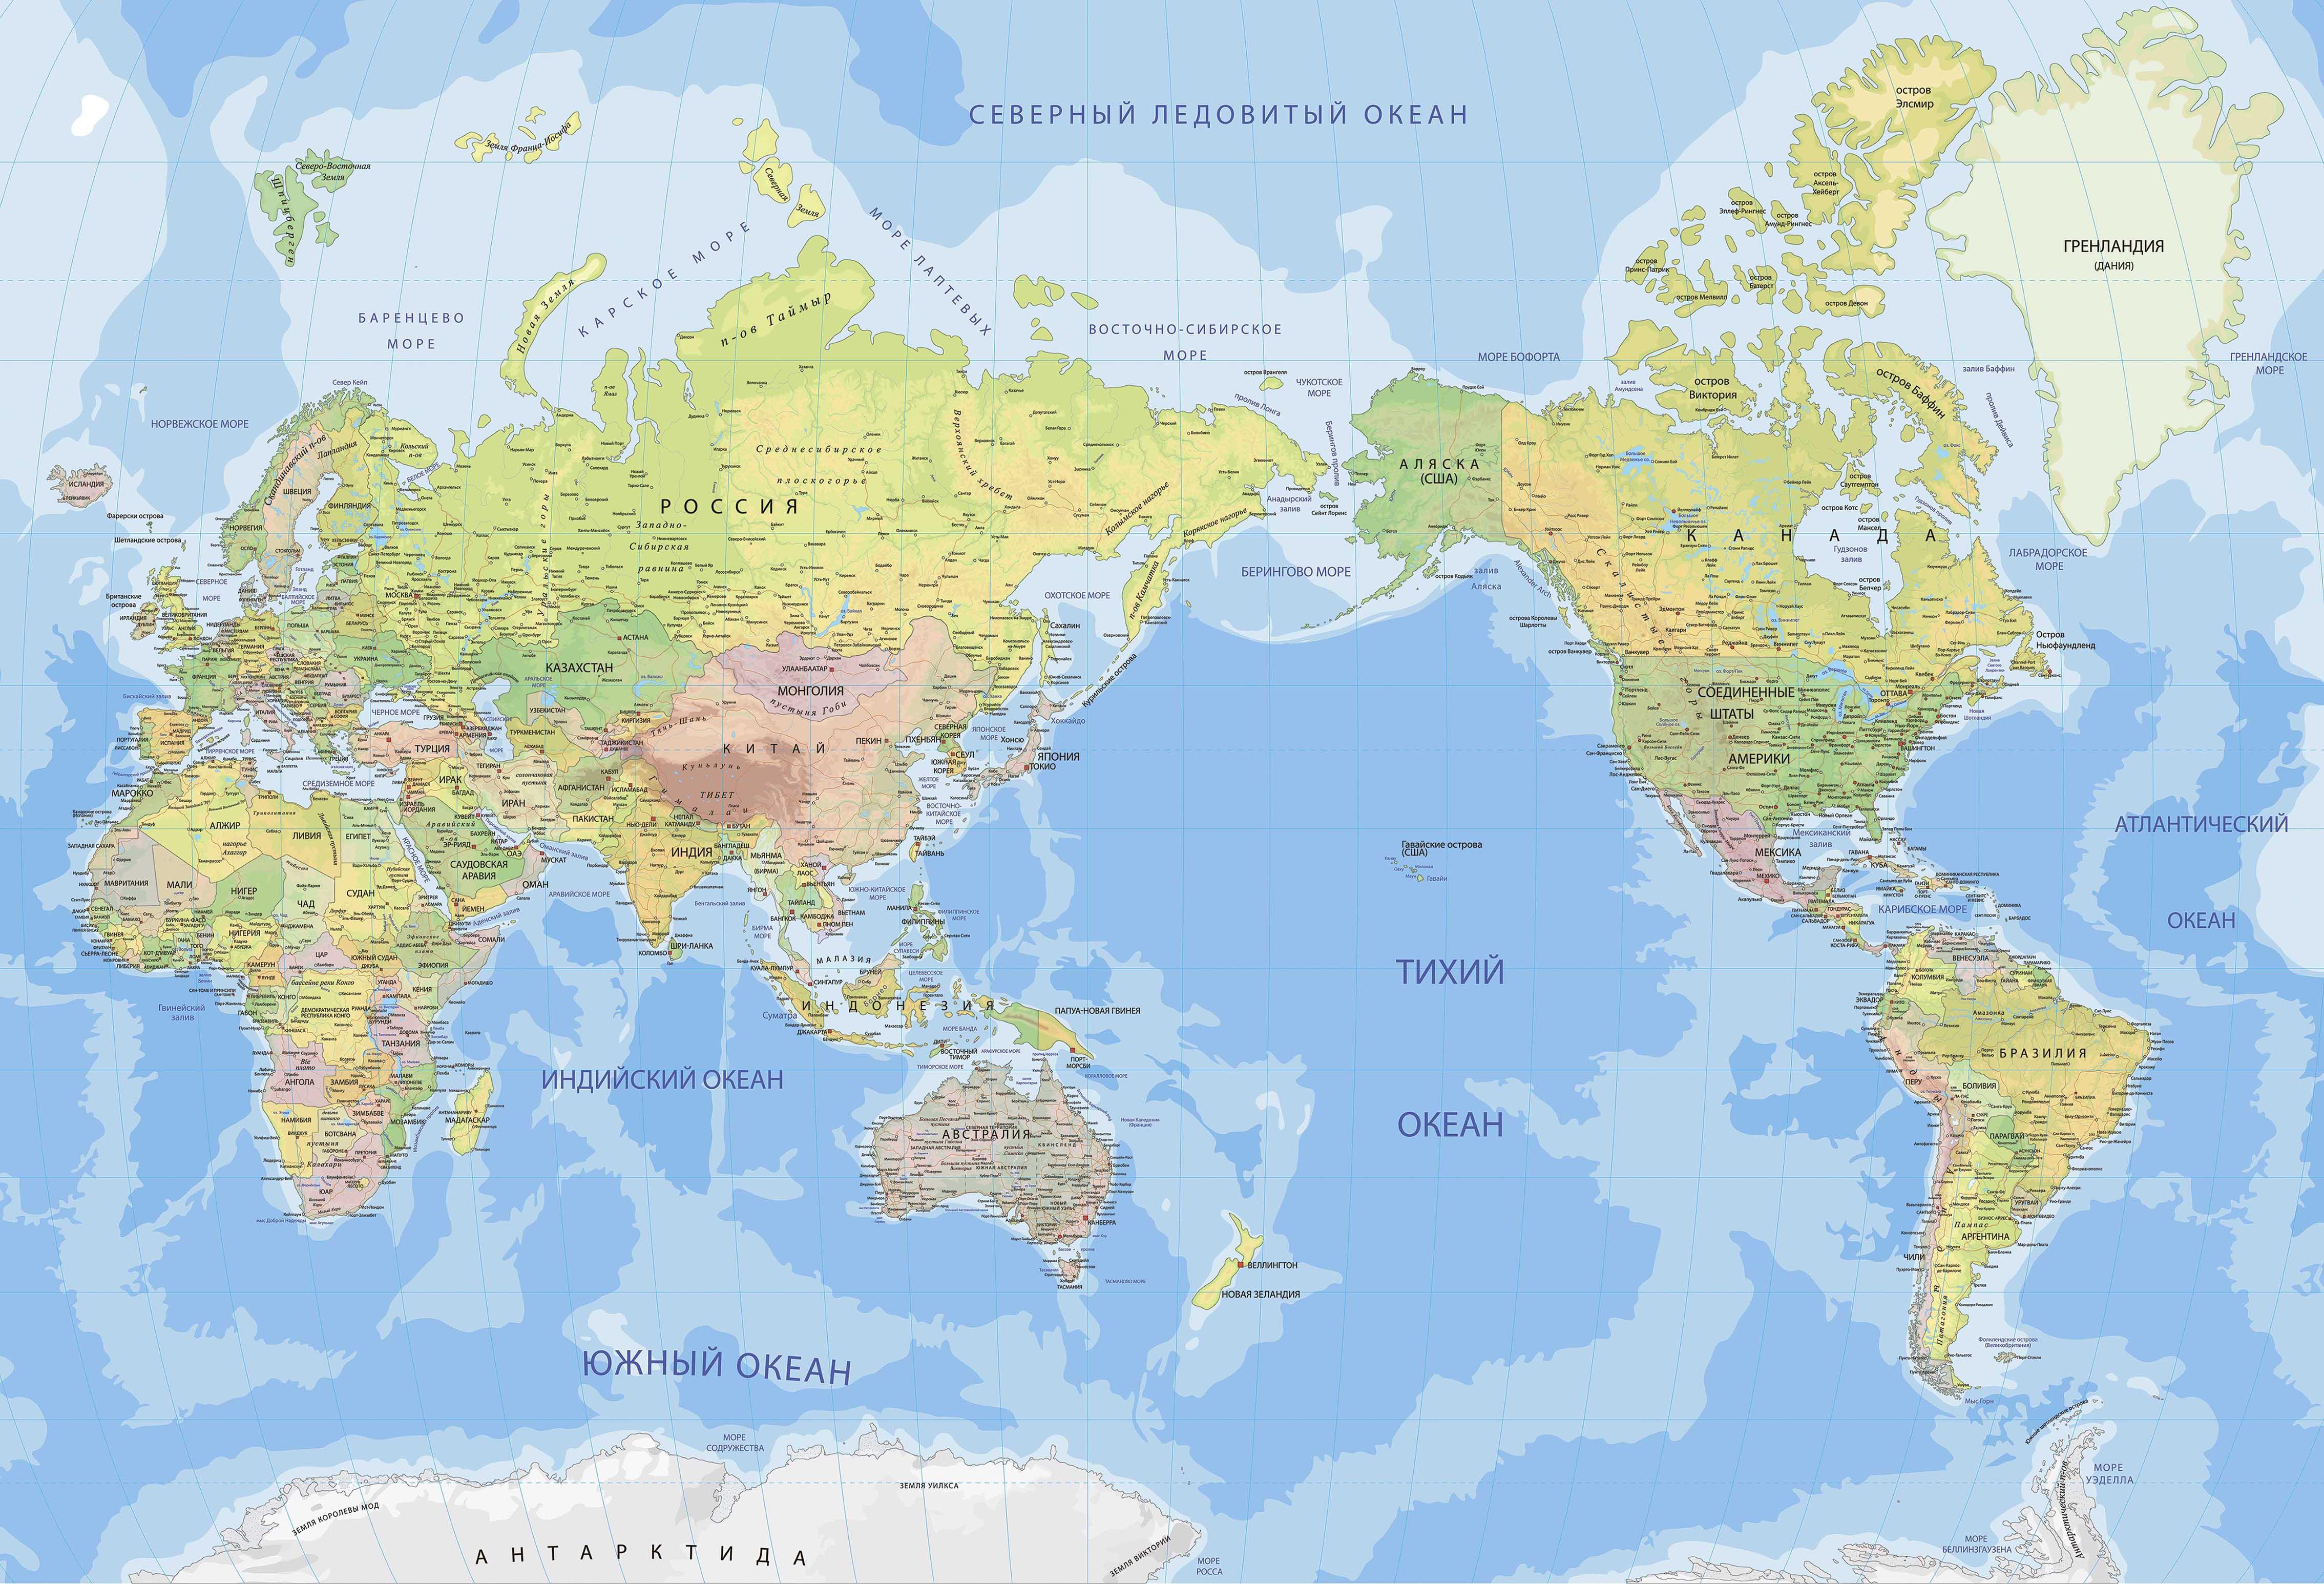 купить большую настенную карту мира